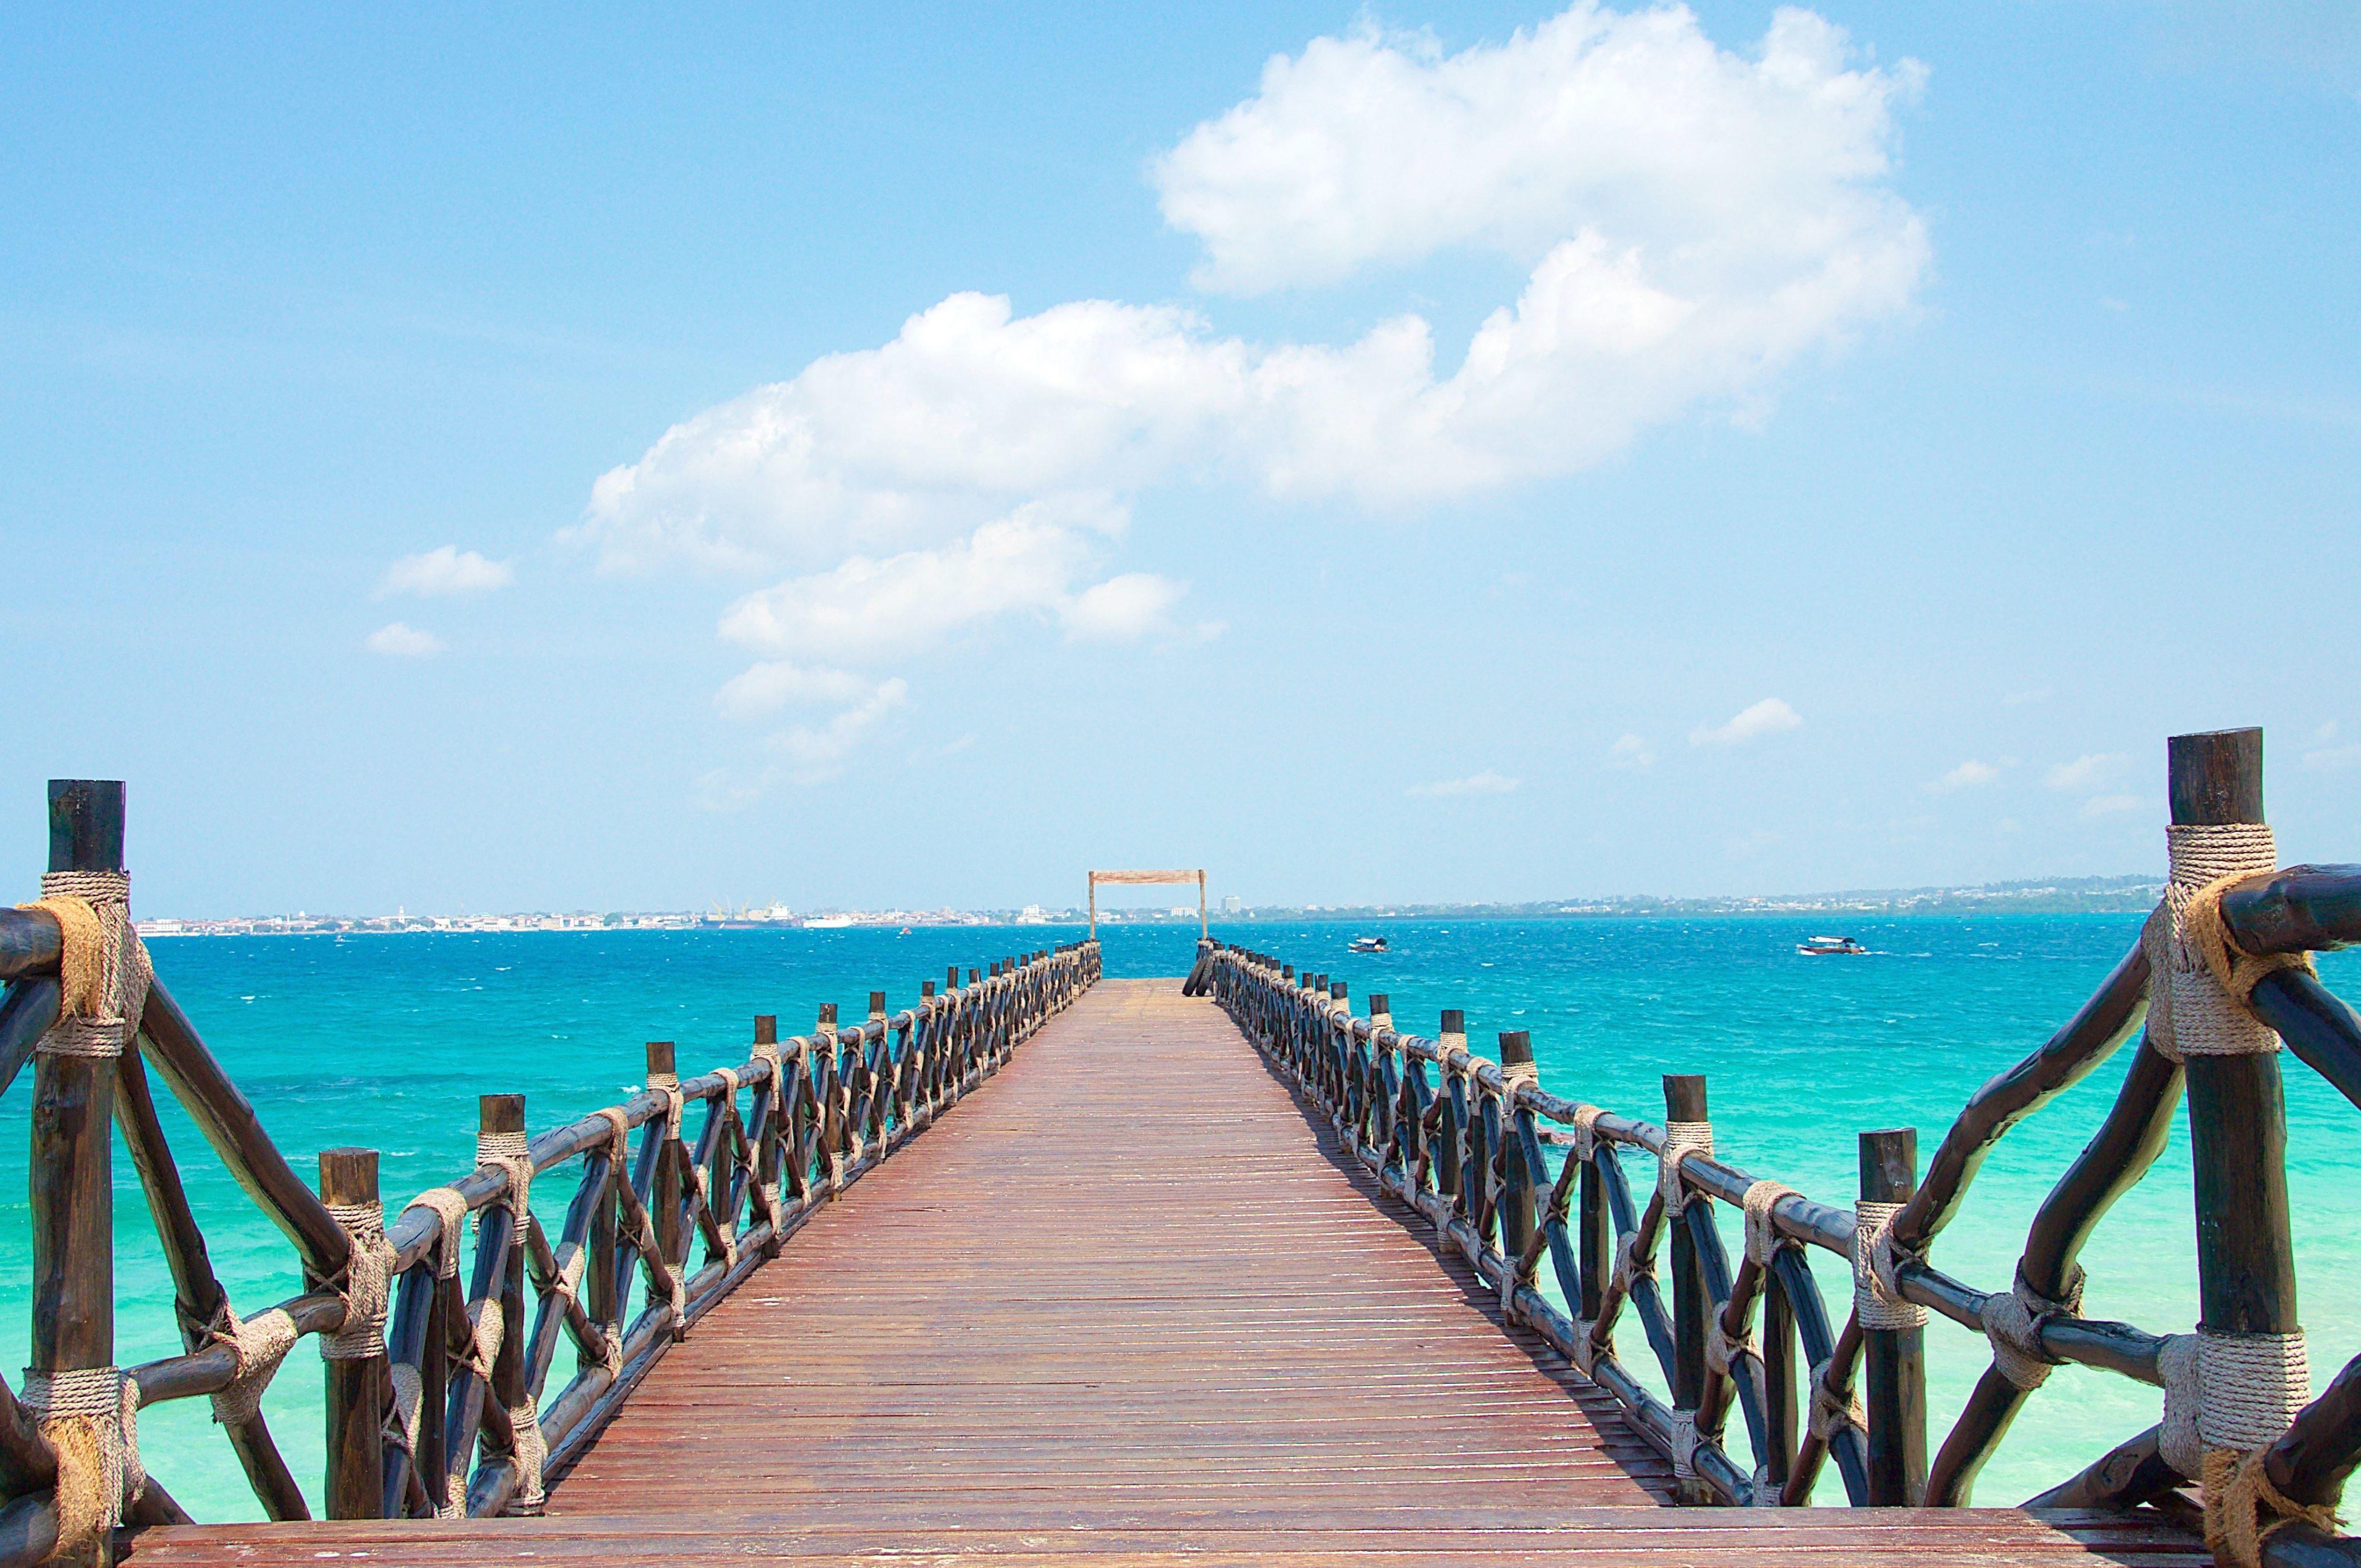 Kostenlose Bild: Tropic, Urlaub, Bambus, Strand, Wasser, Holzbohlen